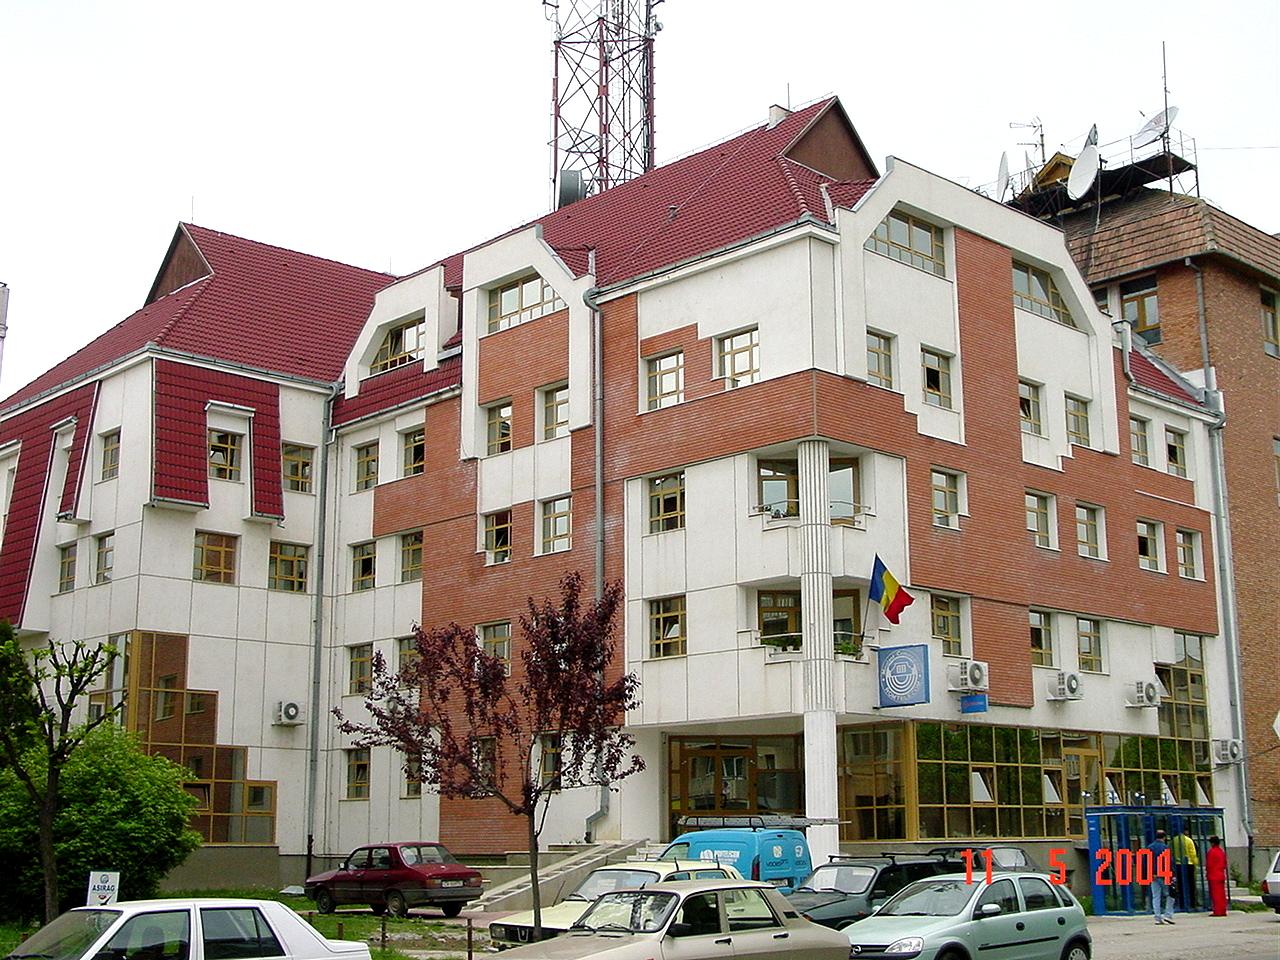 Cladiri administrative si bancare in Sfantu Gheorghe  - Poza 45